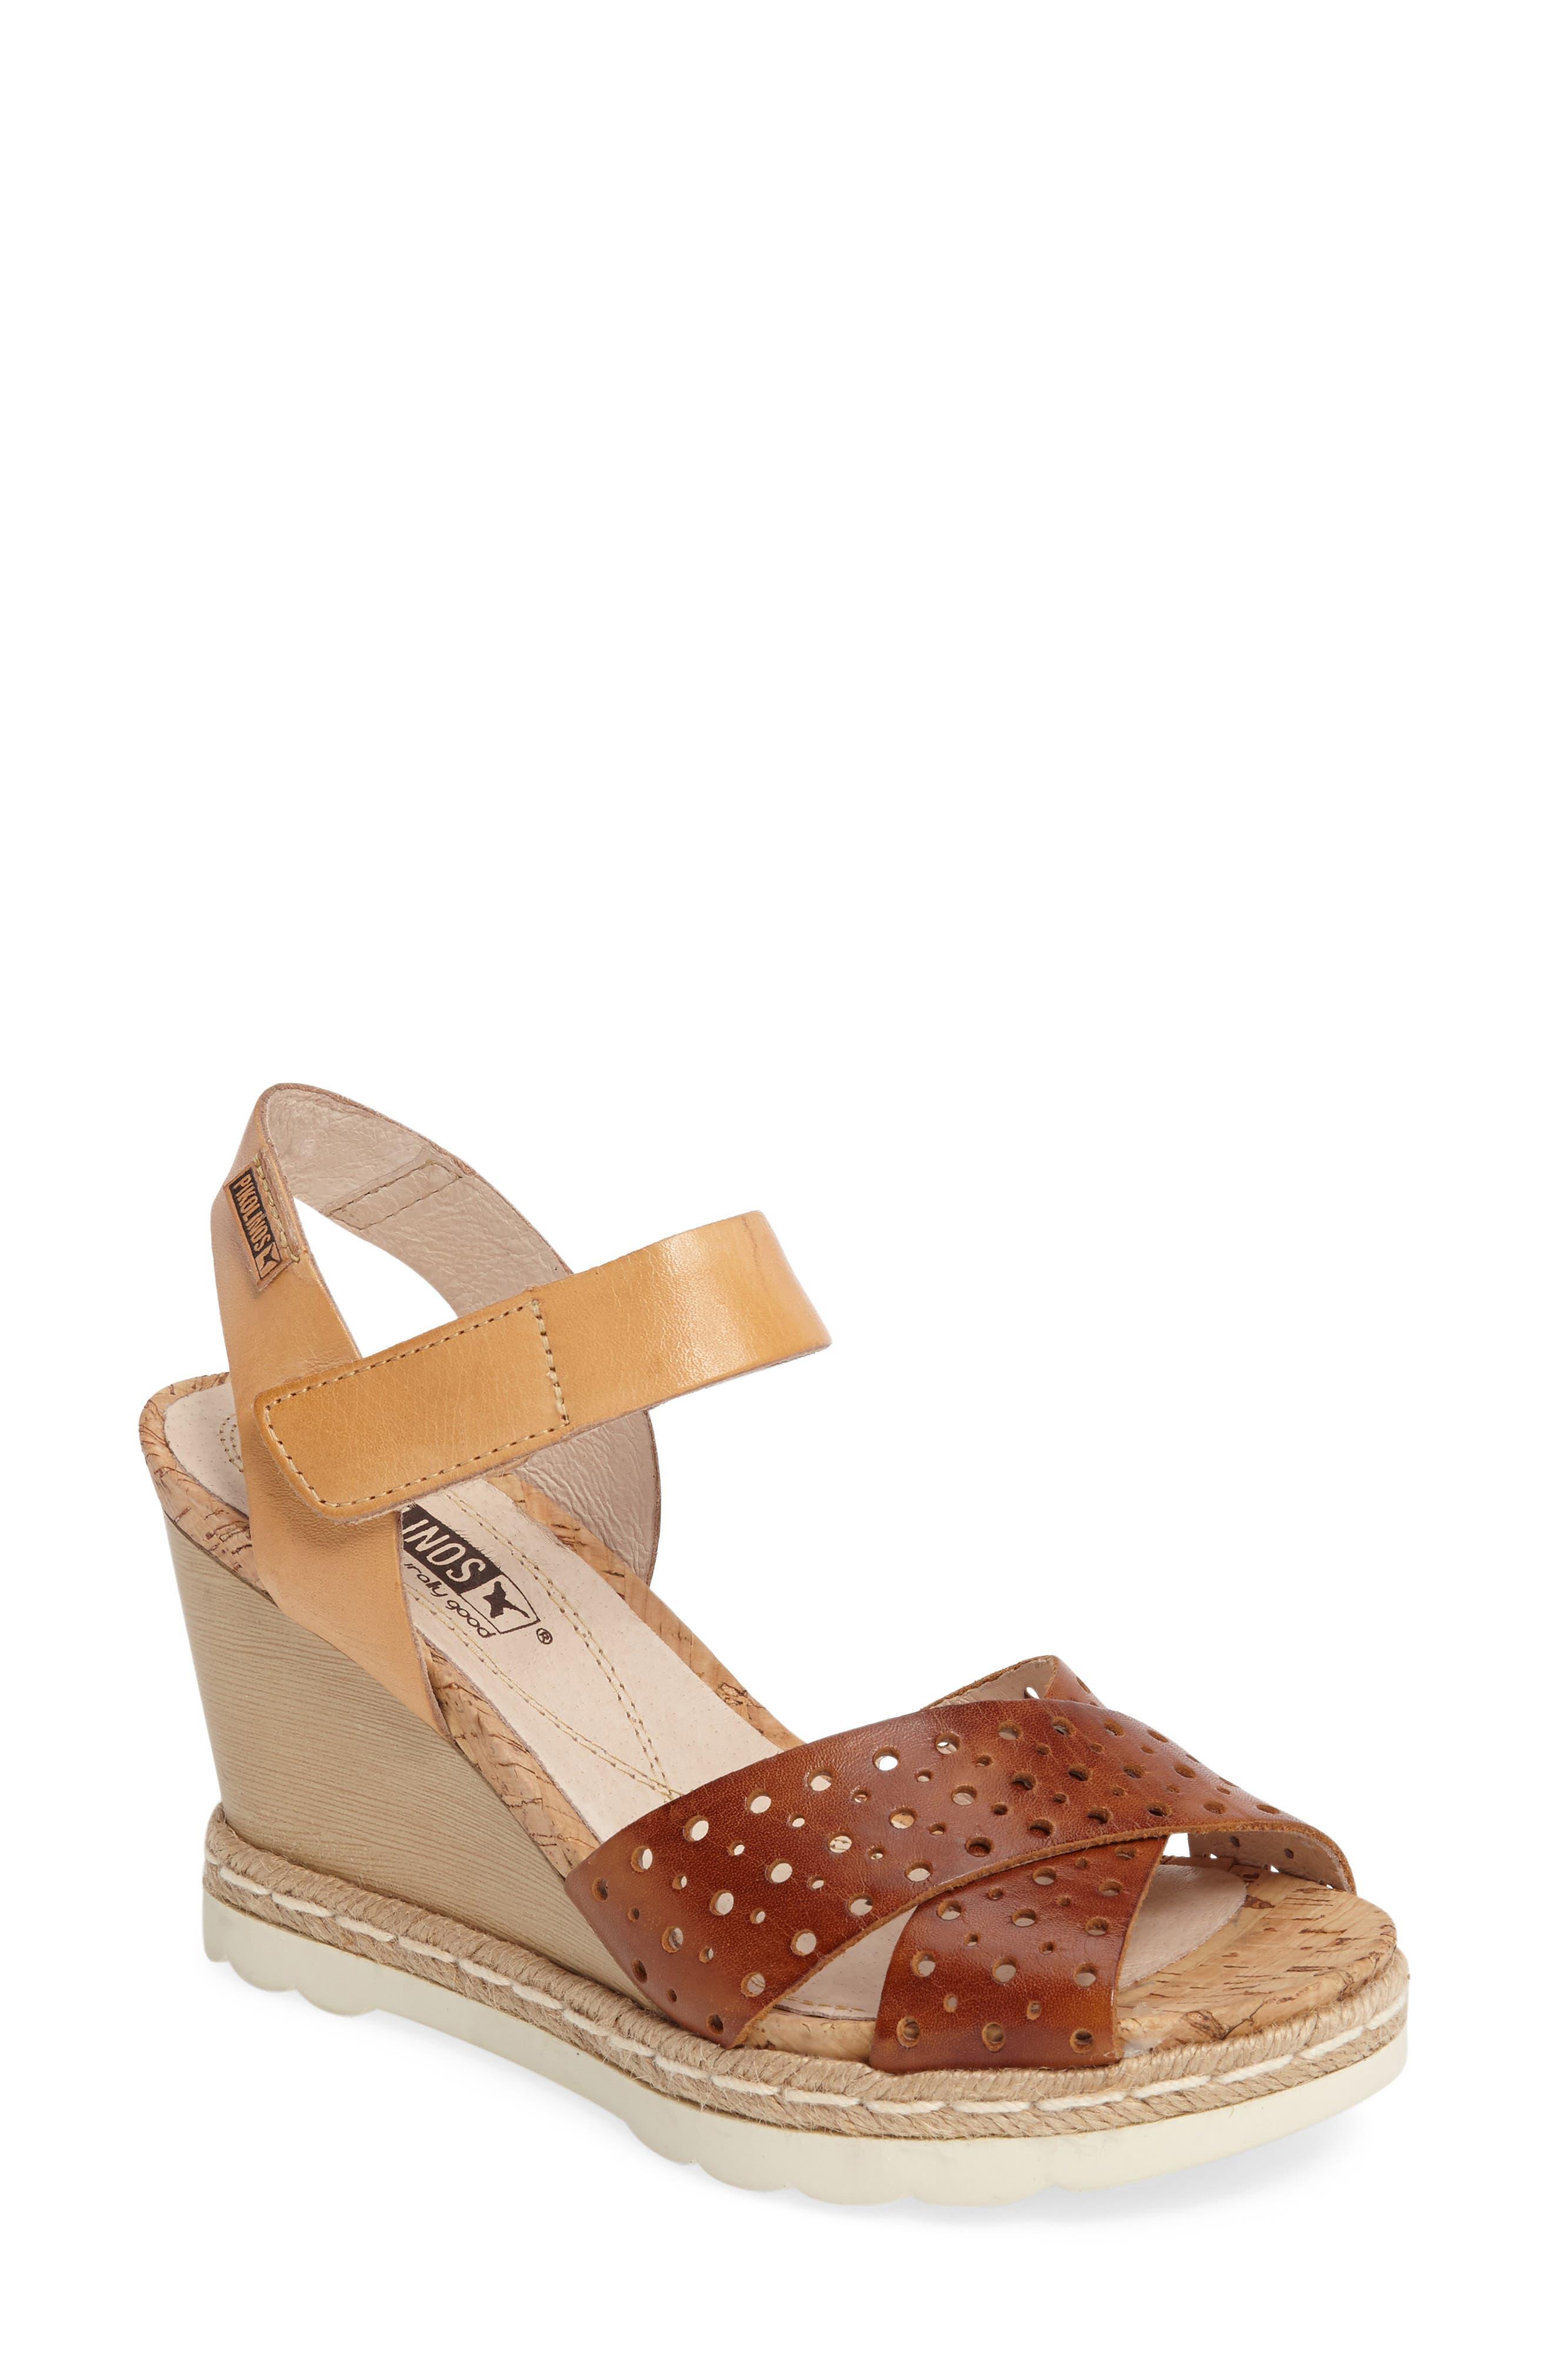 PIKOLINOS Bali Wedge Sandal (Women)